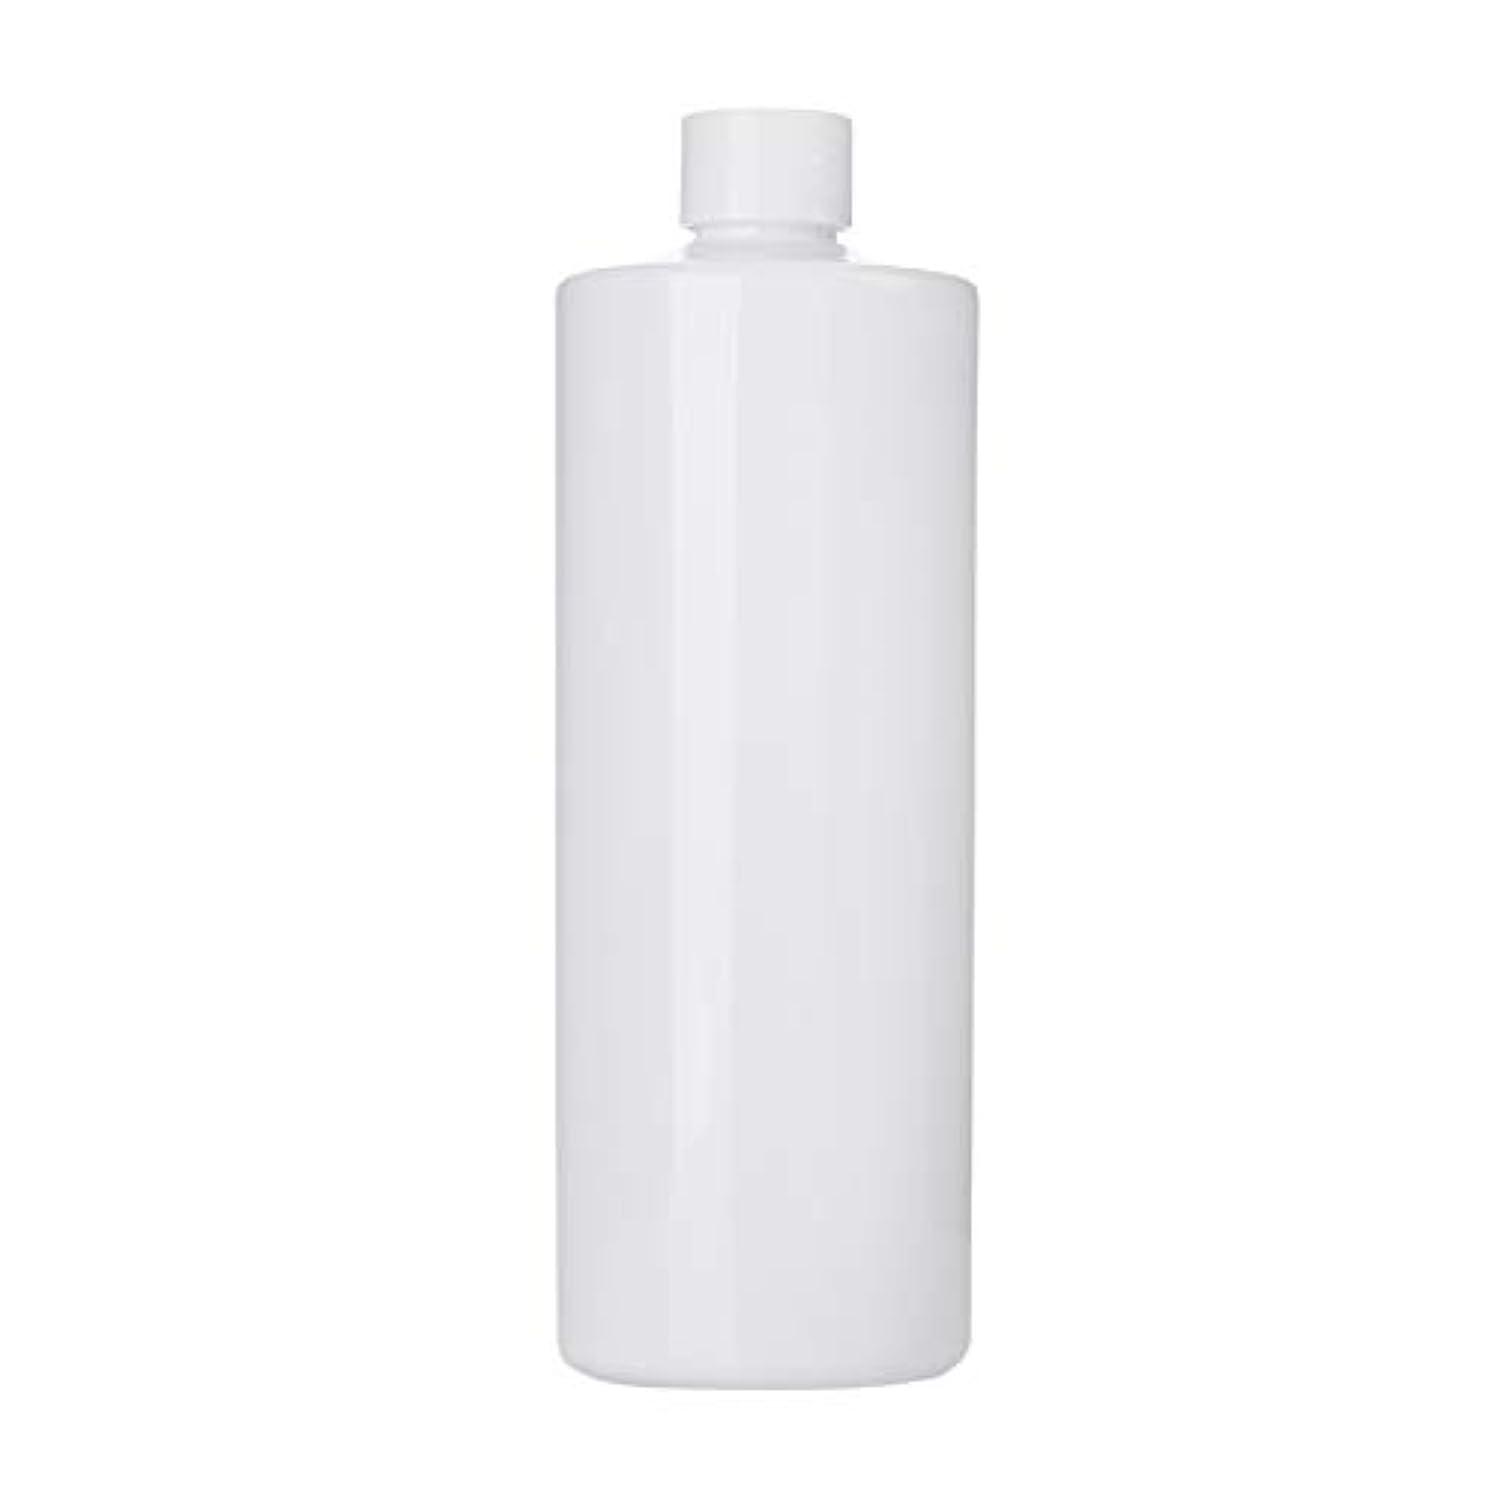 実行する透けて見える極貧1本 化粧品用 詰め替えボトル 詰め替え容器 大容量 500ml 中栓付き 使いやすい 化粧水用 シャンプー クリーム 貯蔵用 携帯用 空容器 おしゃれ 白ヘッド ホワイト